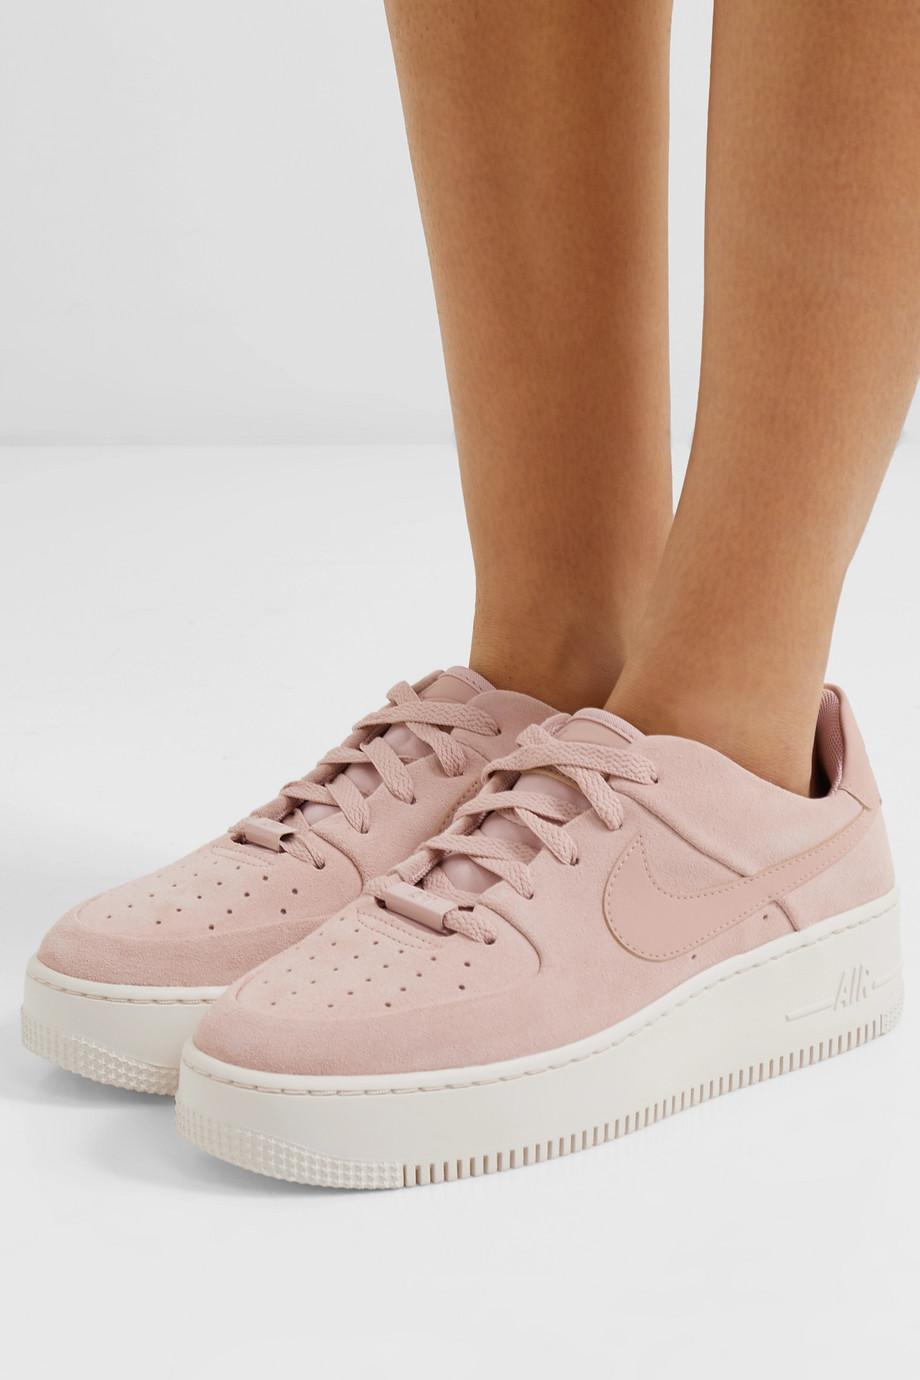 Nike Air Force 1 Sage suede sneakers